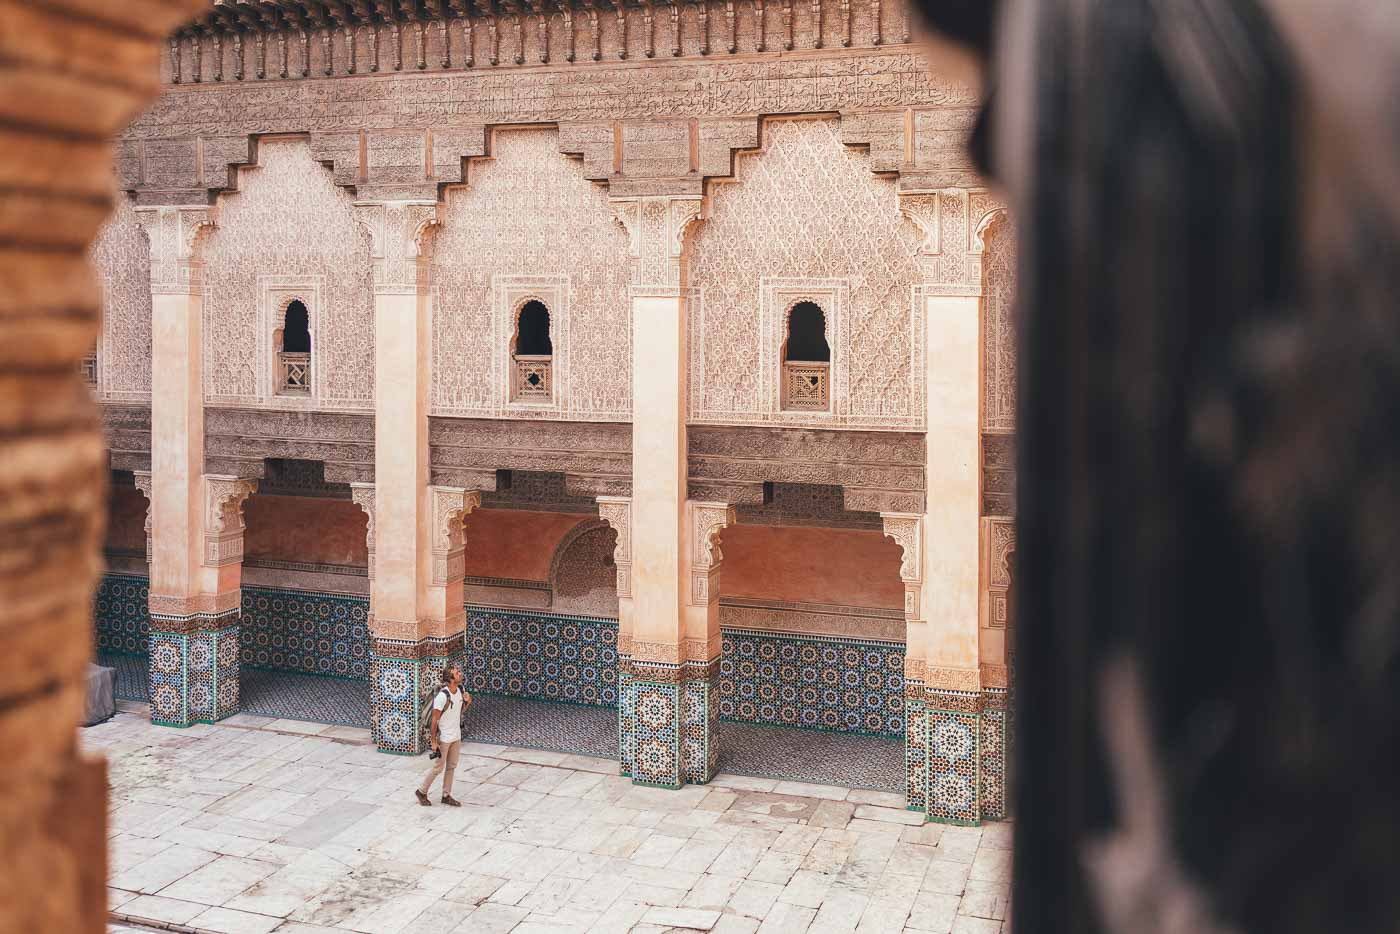 Photographer Stefan Haworth in Musée ben Youssef, Marrakesh